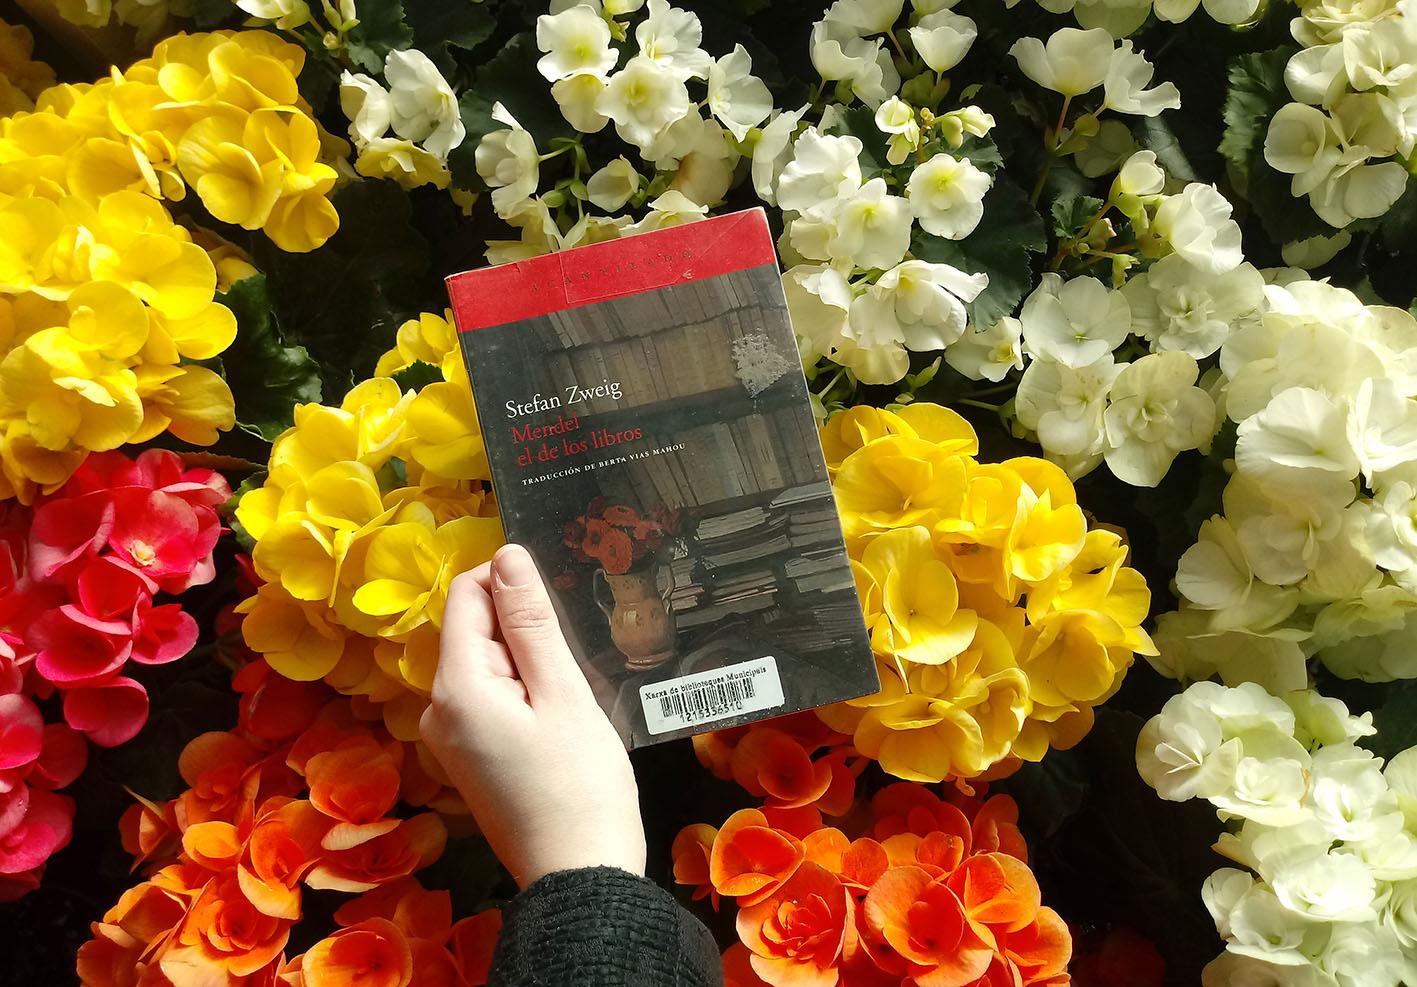 Mendel el de los libros Stefan Zweig